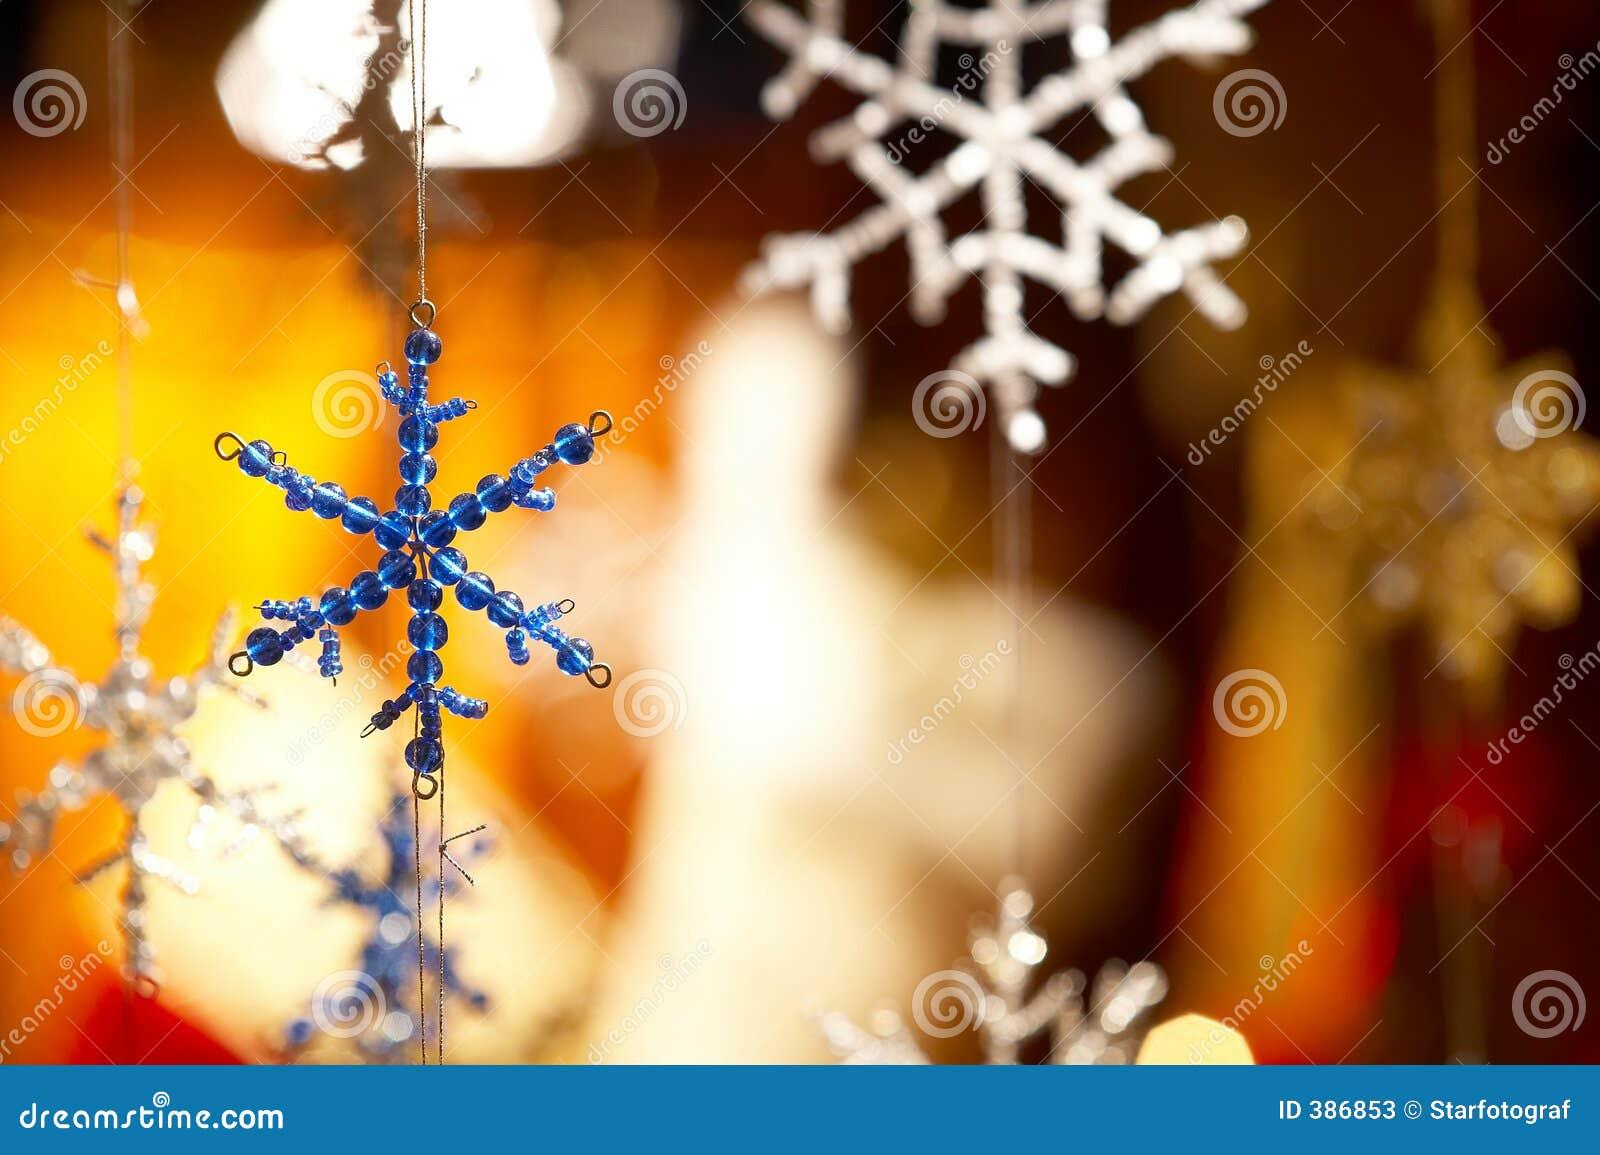 Étoiles de Noël - Weihnachtssterne